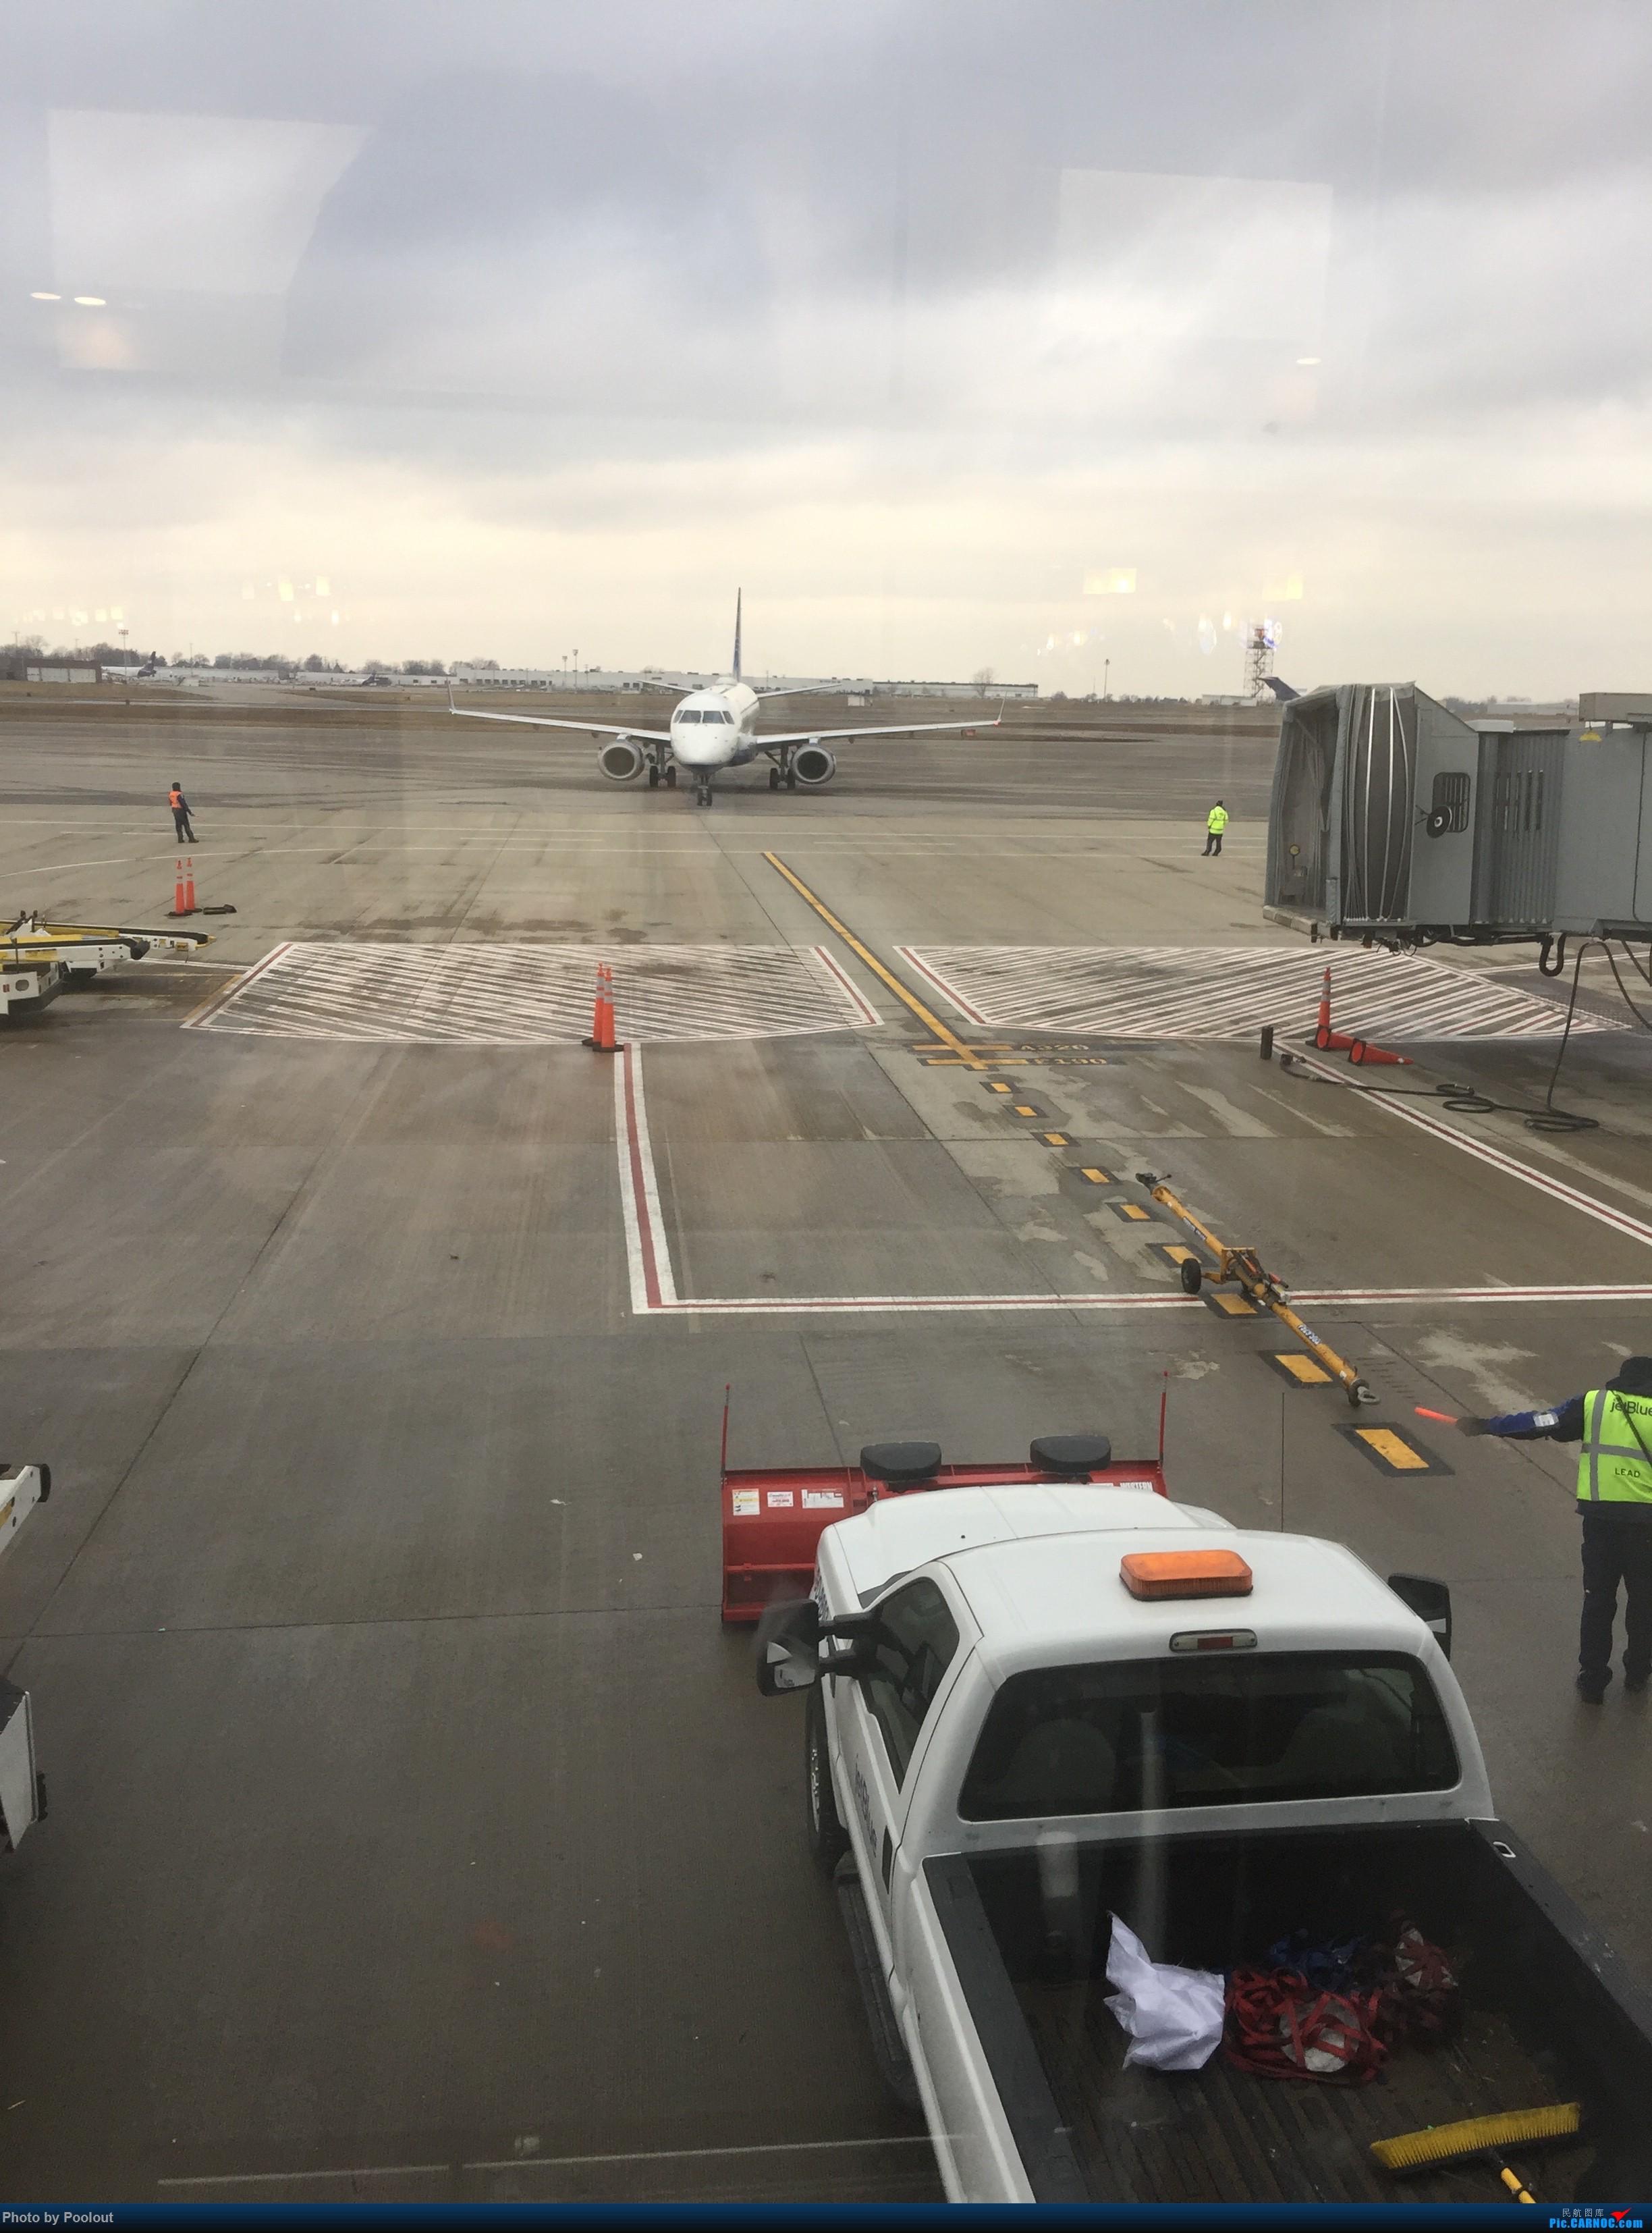 Re:[原创]E游记(1) JetBlue B6806/Delta DL6111 BUF<->BOS 首次以任何主题发表游记-2017圣诞冬假波士顿之行 EMBRAER E-190 N309 JB 水牛城尼加拉国际机场